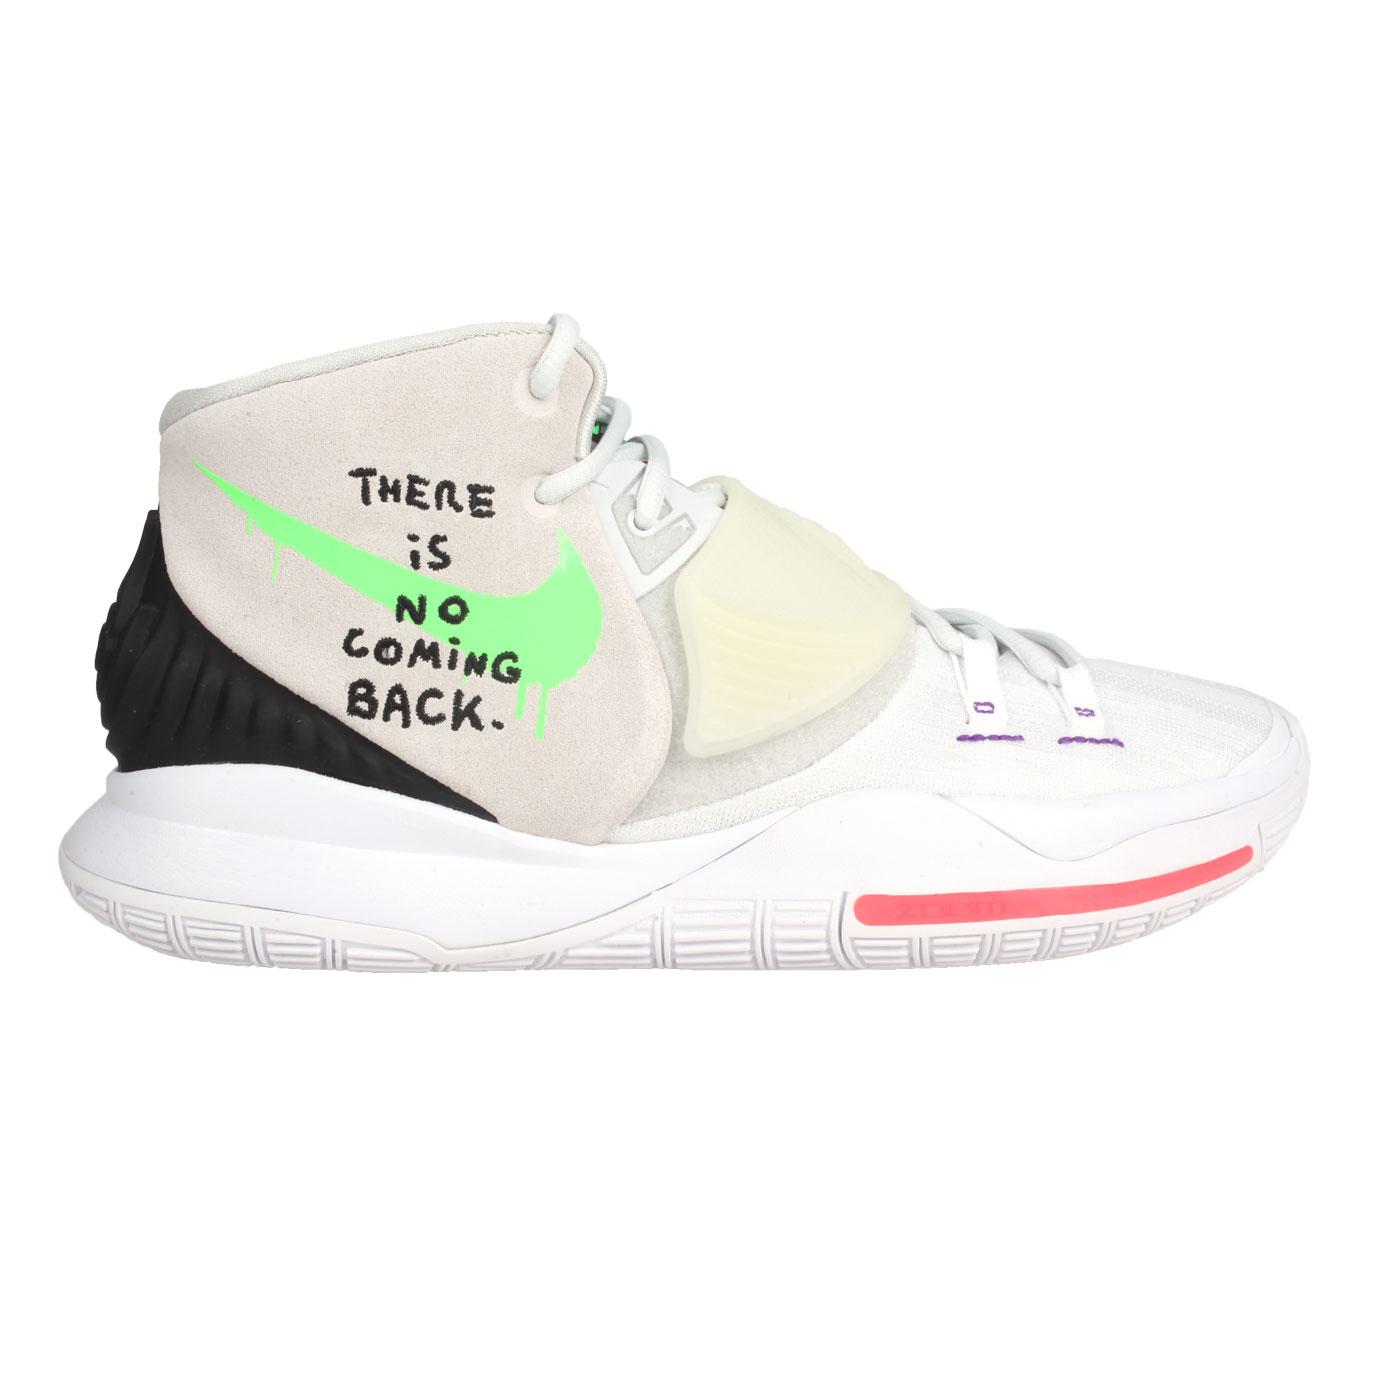 NIKE 男款籃球鞋  @KYRIE 6 EP@BQ4631002 - 灰黑綠